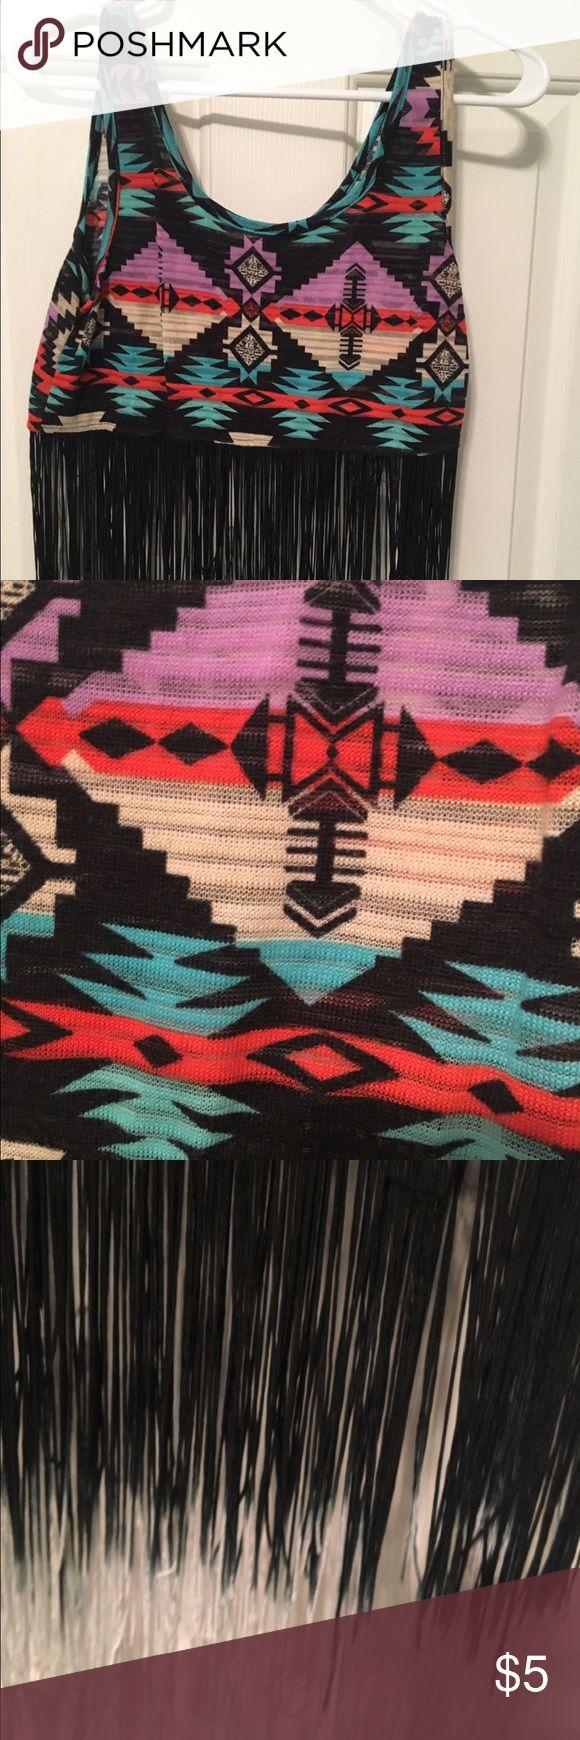 Aztec crop top Aztec print crop with black/white ombré fringe Tops Crop Tops